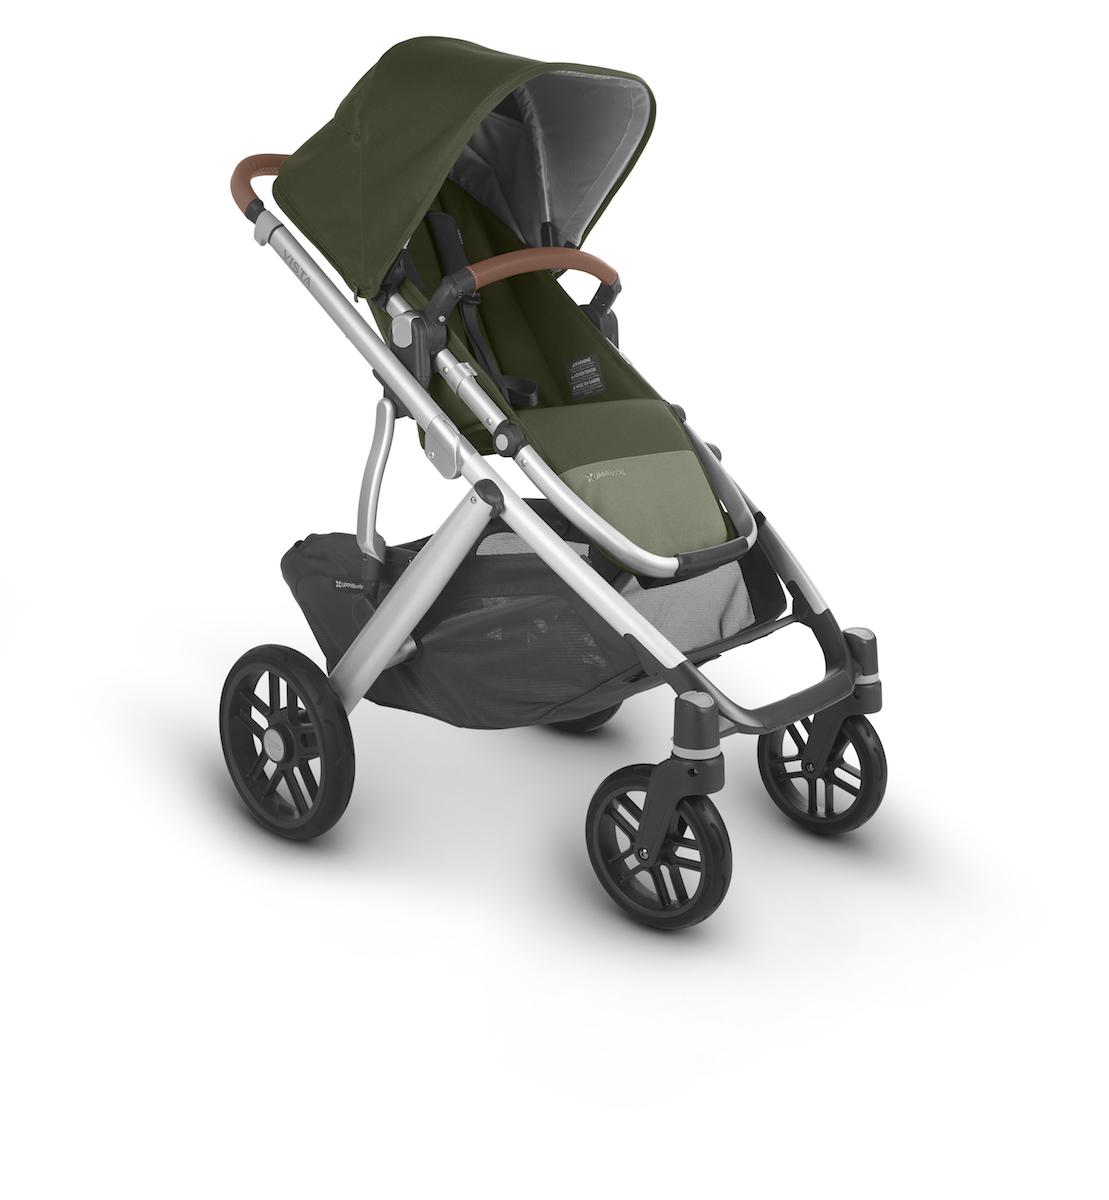 2020 UppaBaby Vista V2 Stroller - Hazel Olive ...